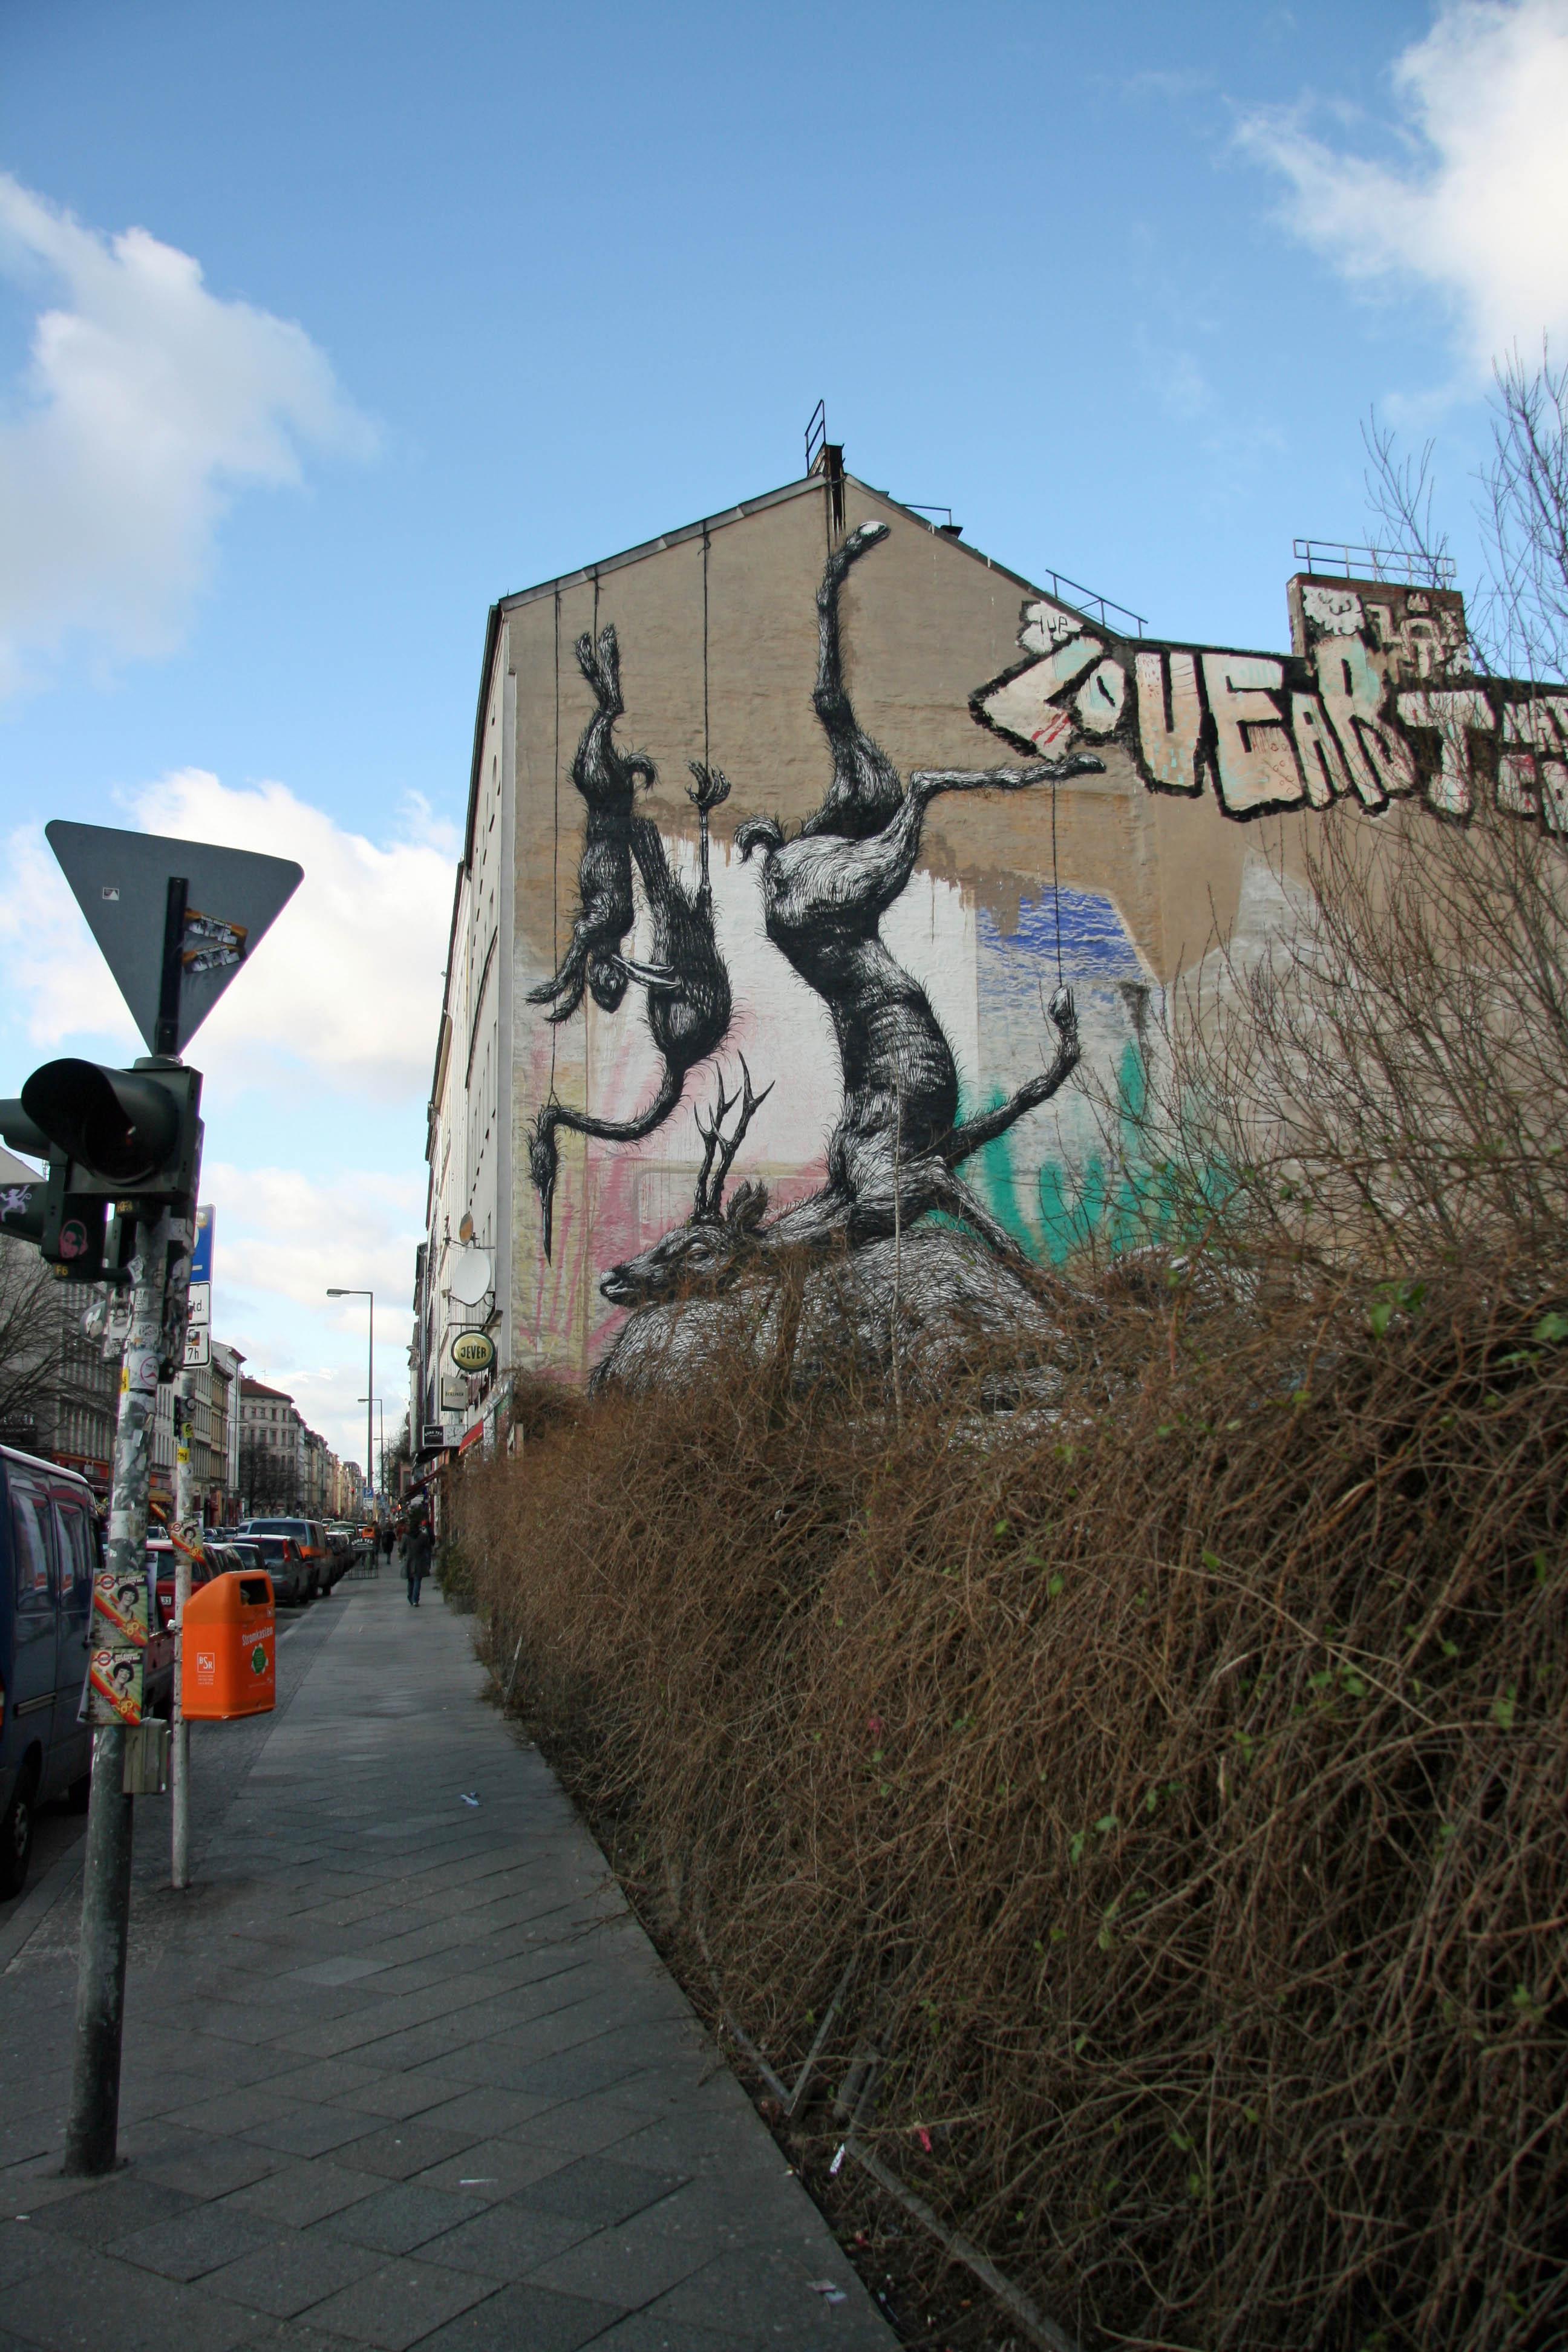 Nature Morte: Street Art by ROA in Berlin's Kreuzberg